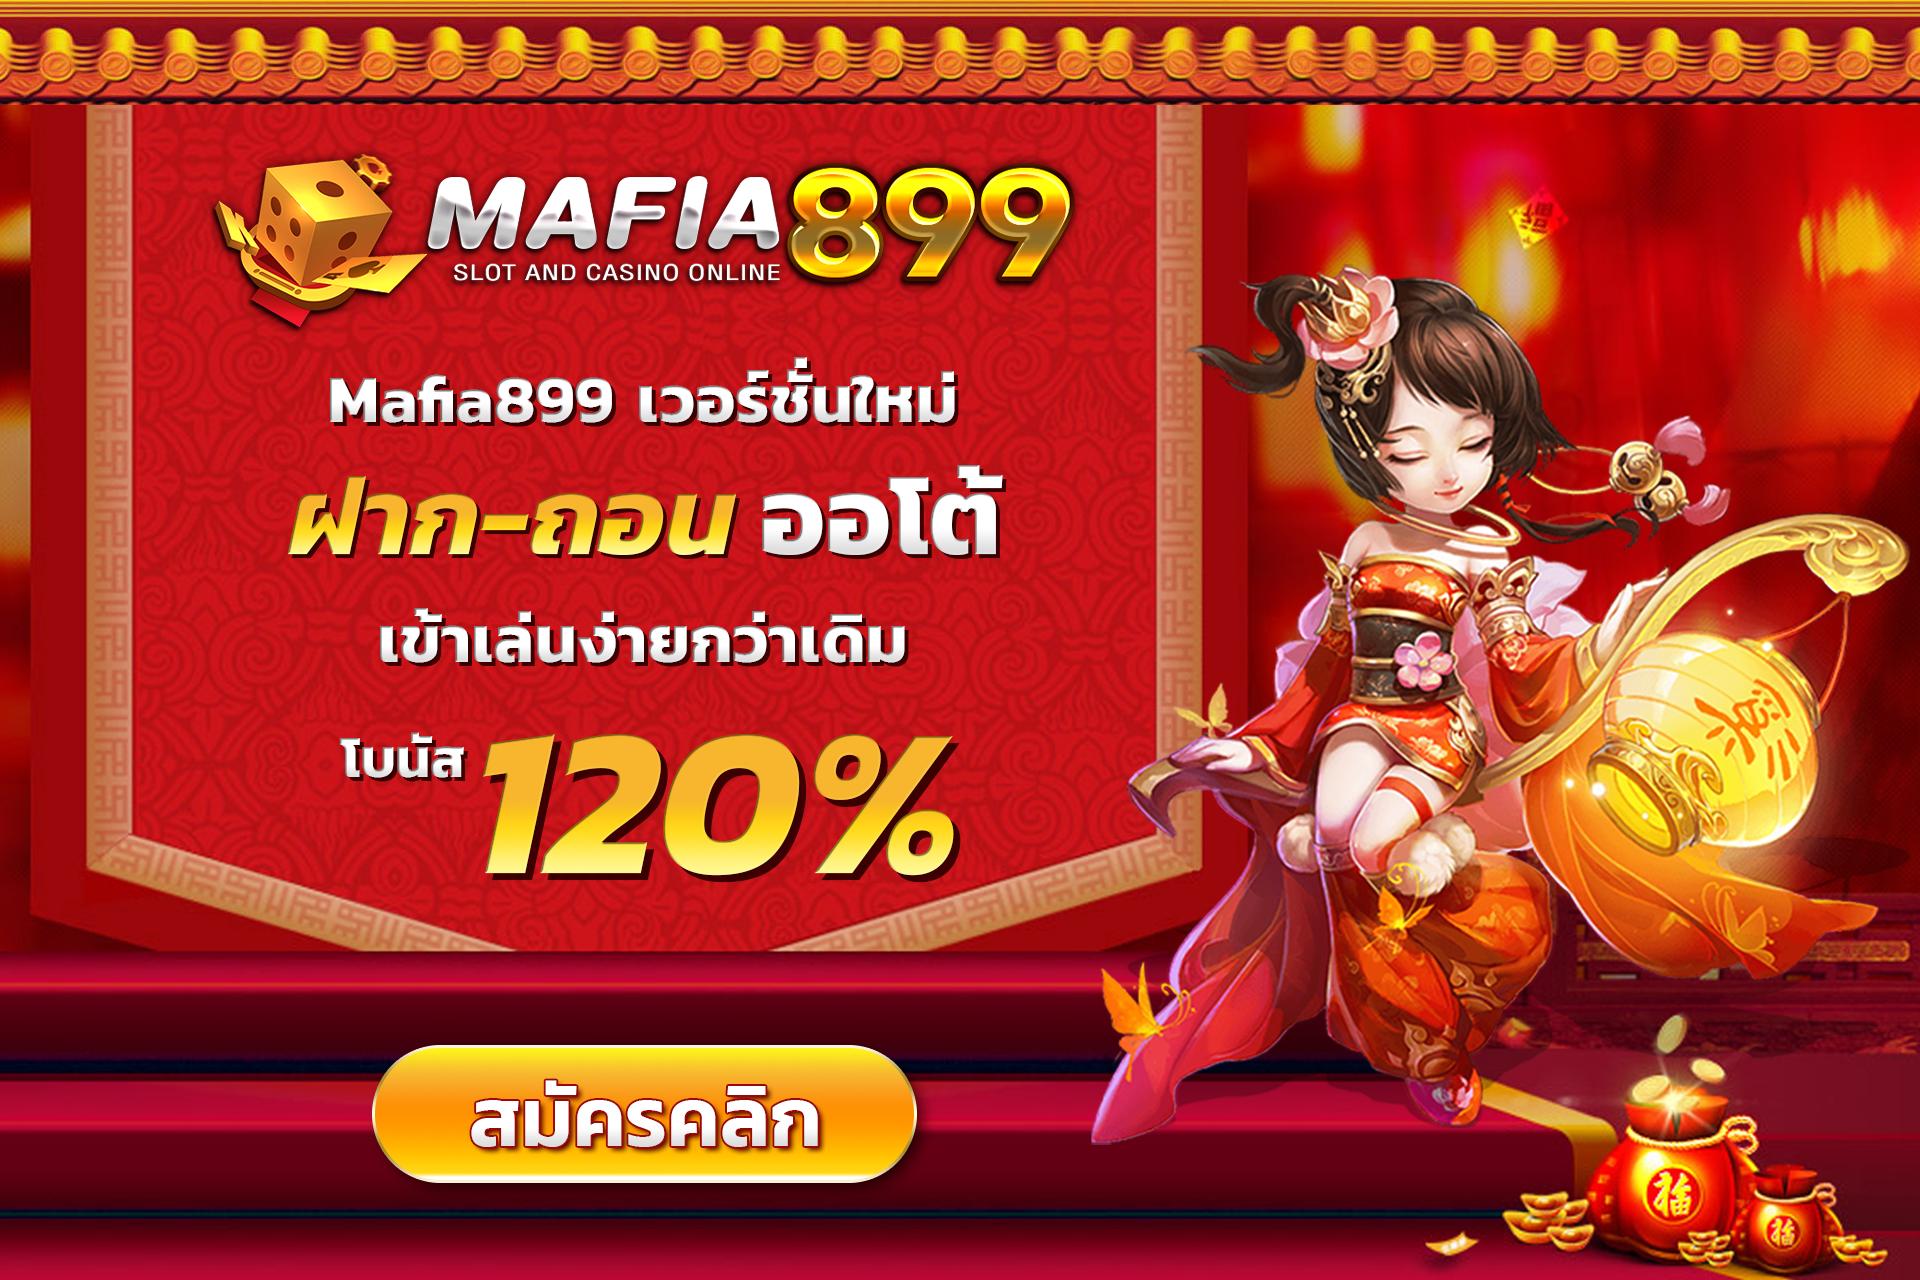 Mafia899